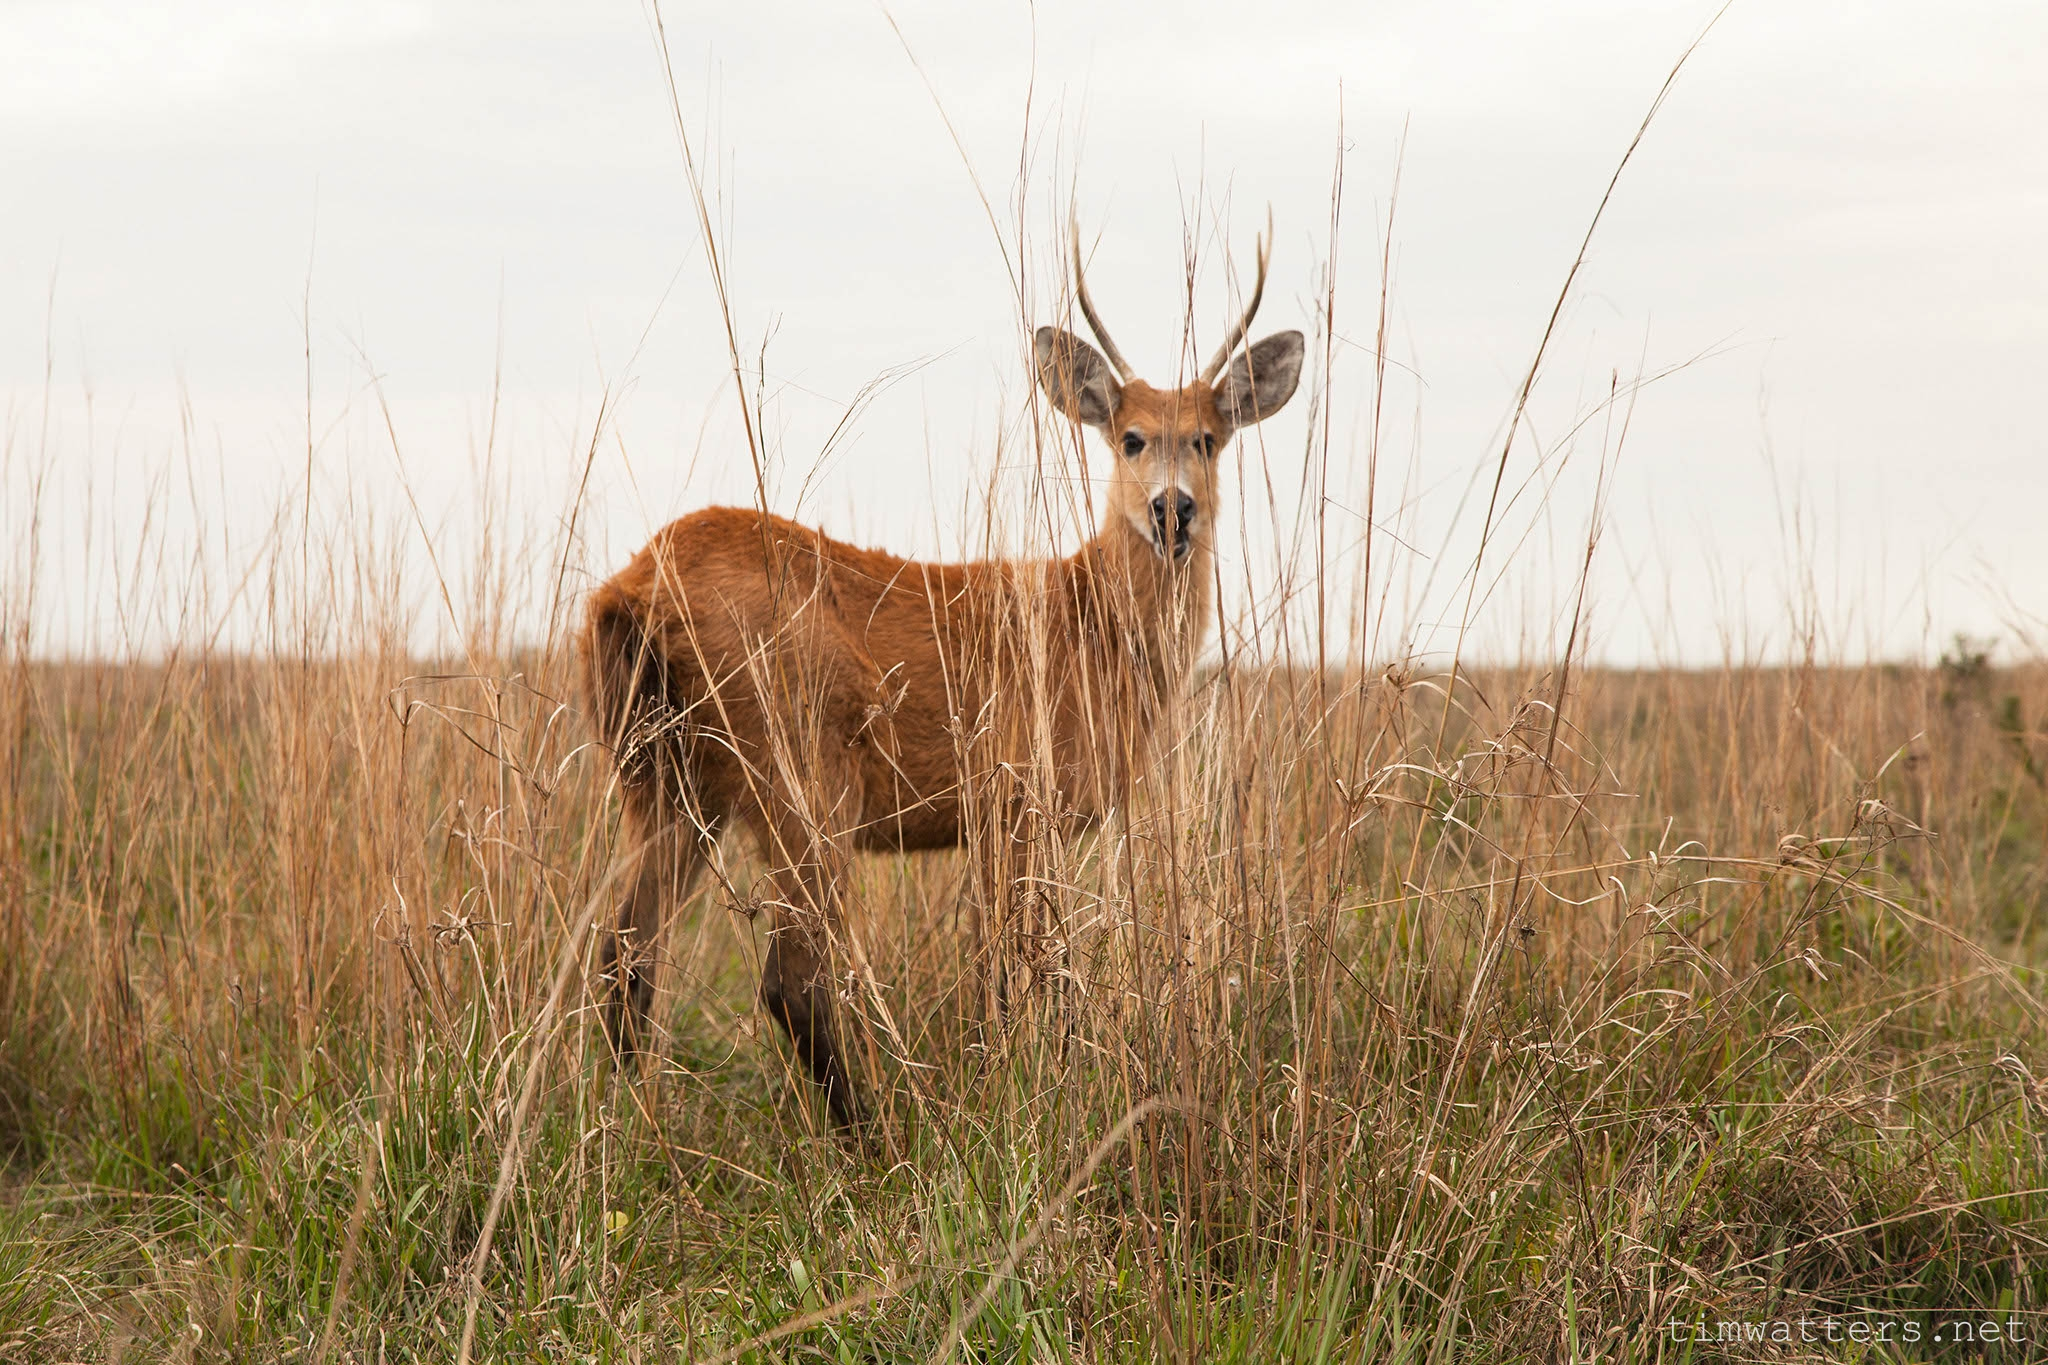 009-TimWatters-Ibera-Wildlife.jpg